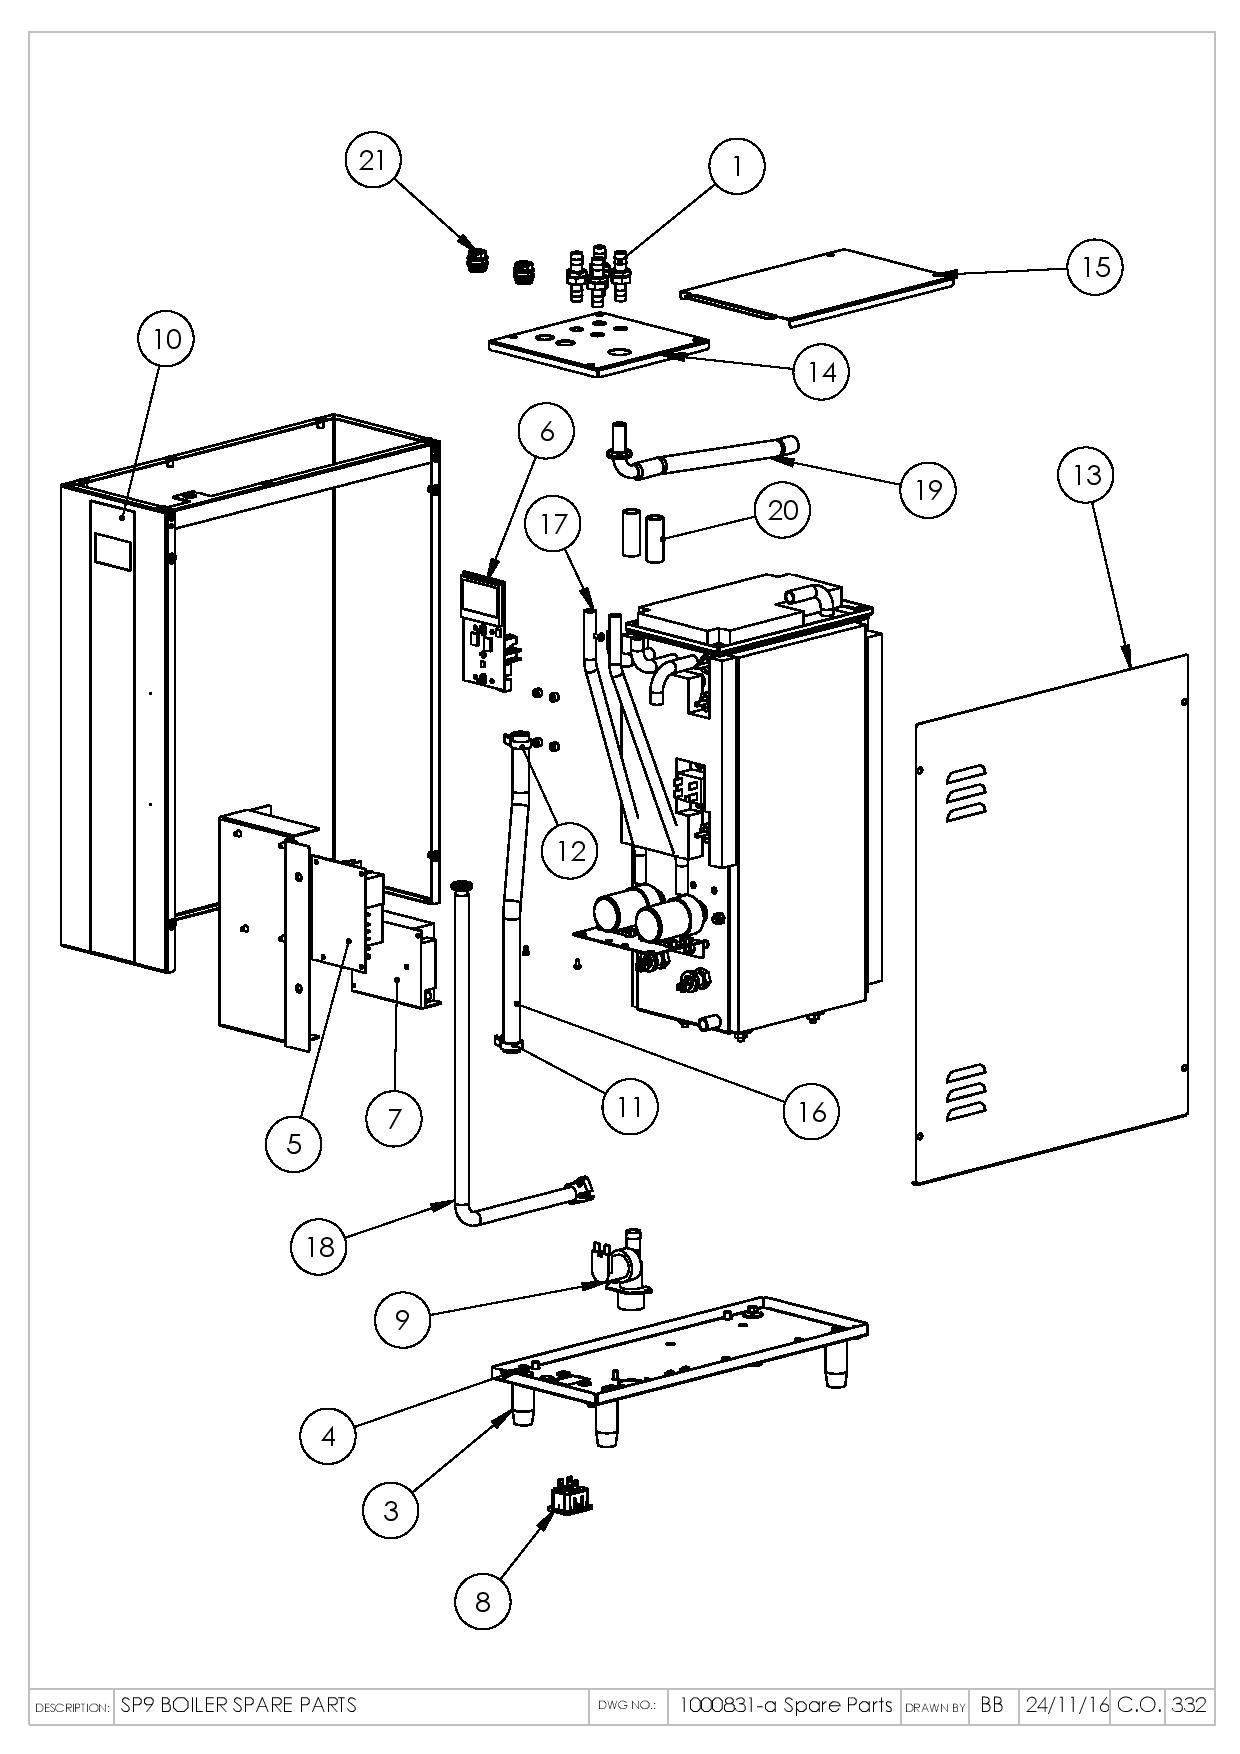 Wesco Electric Furnace Wiring Diagram Wesco Furnace